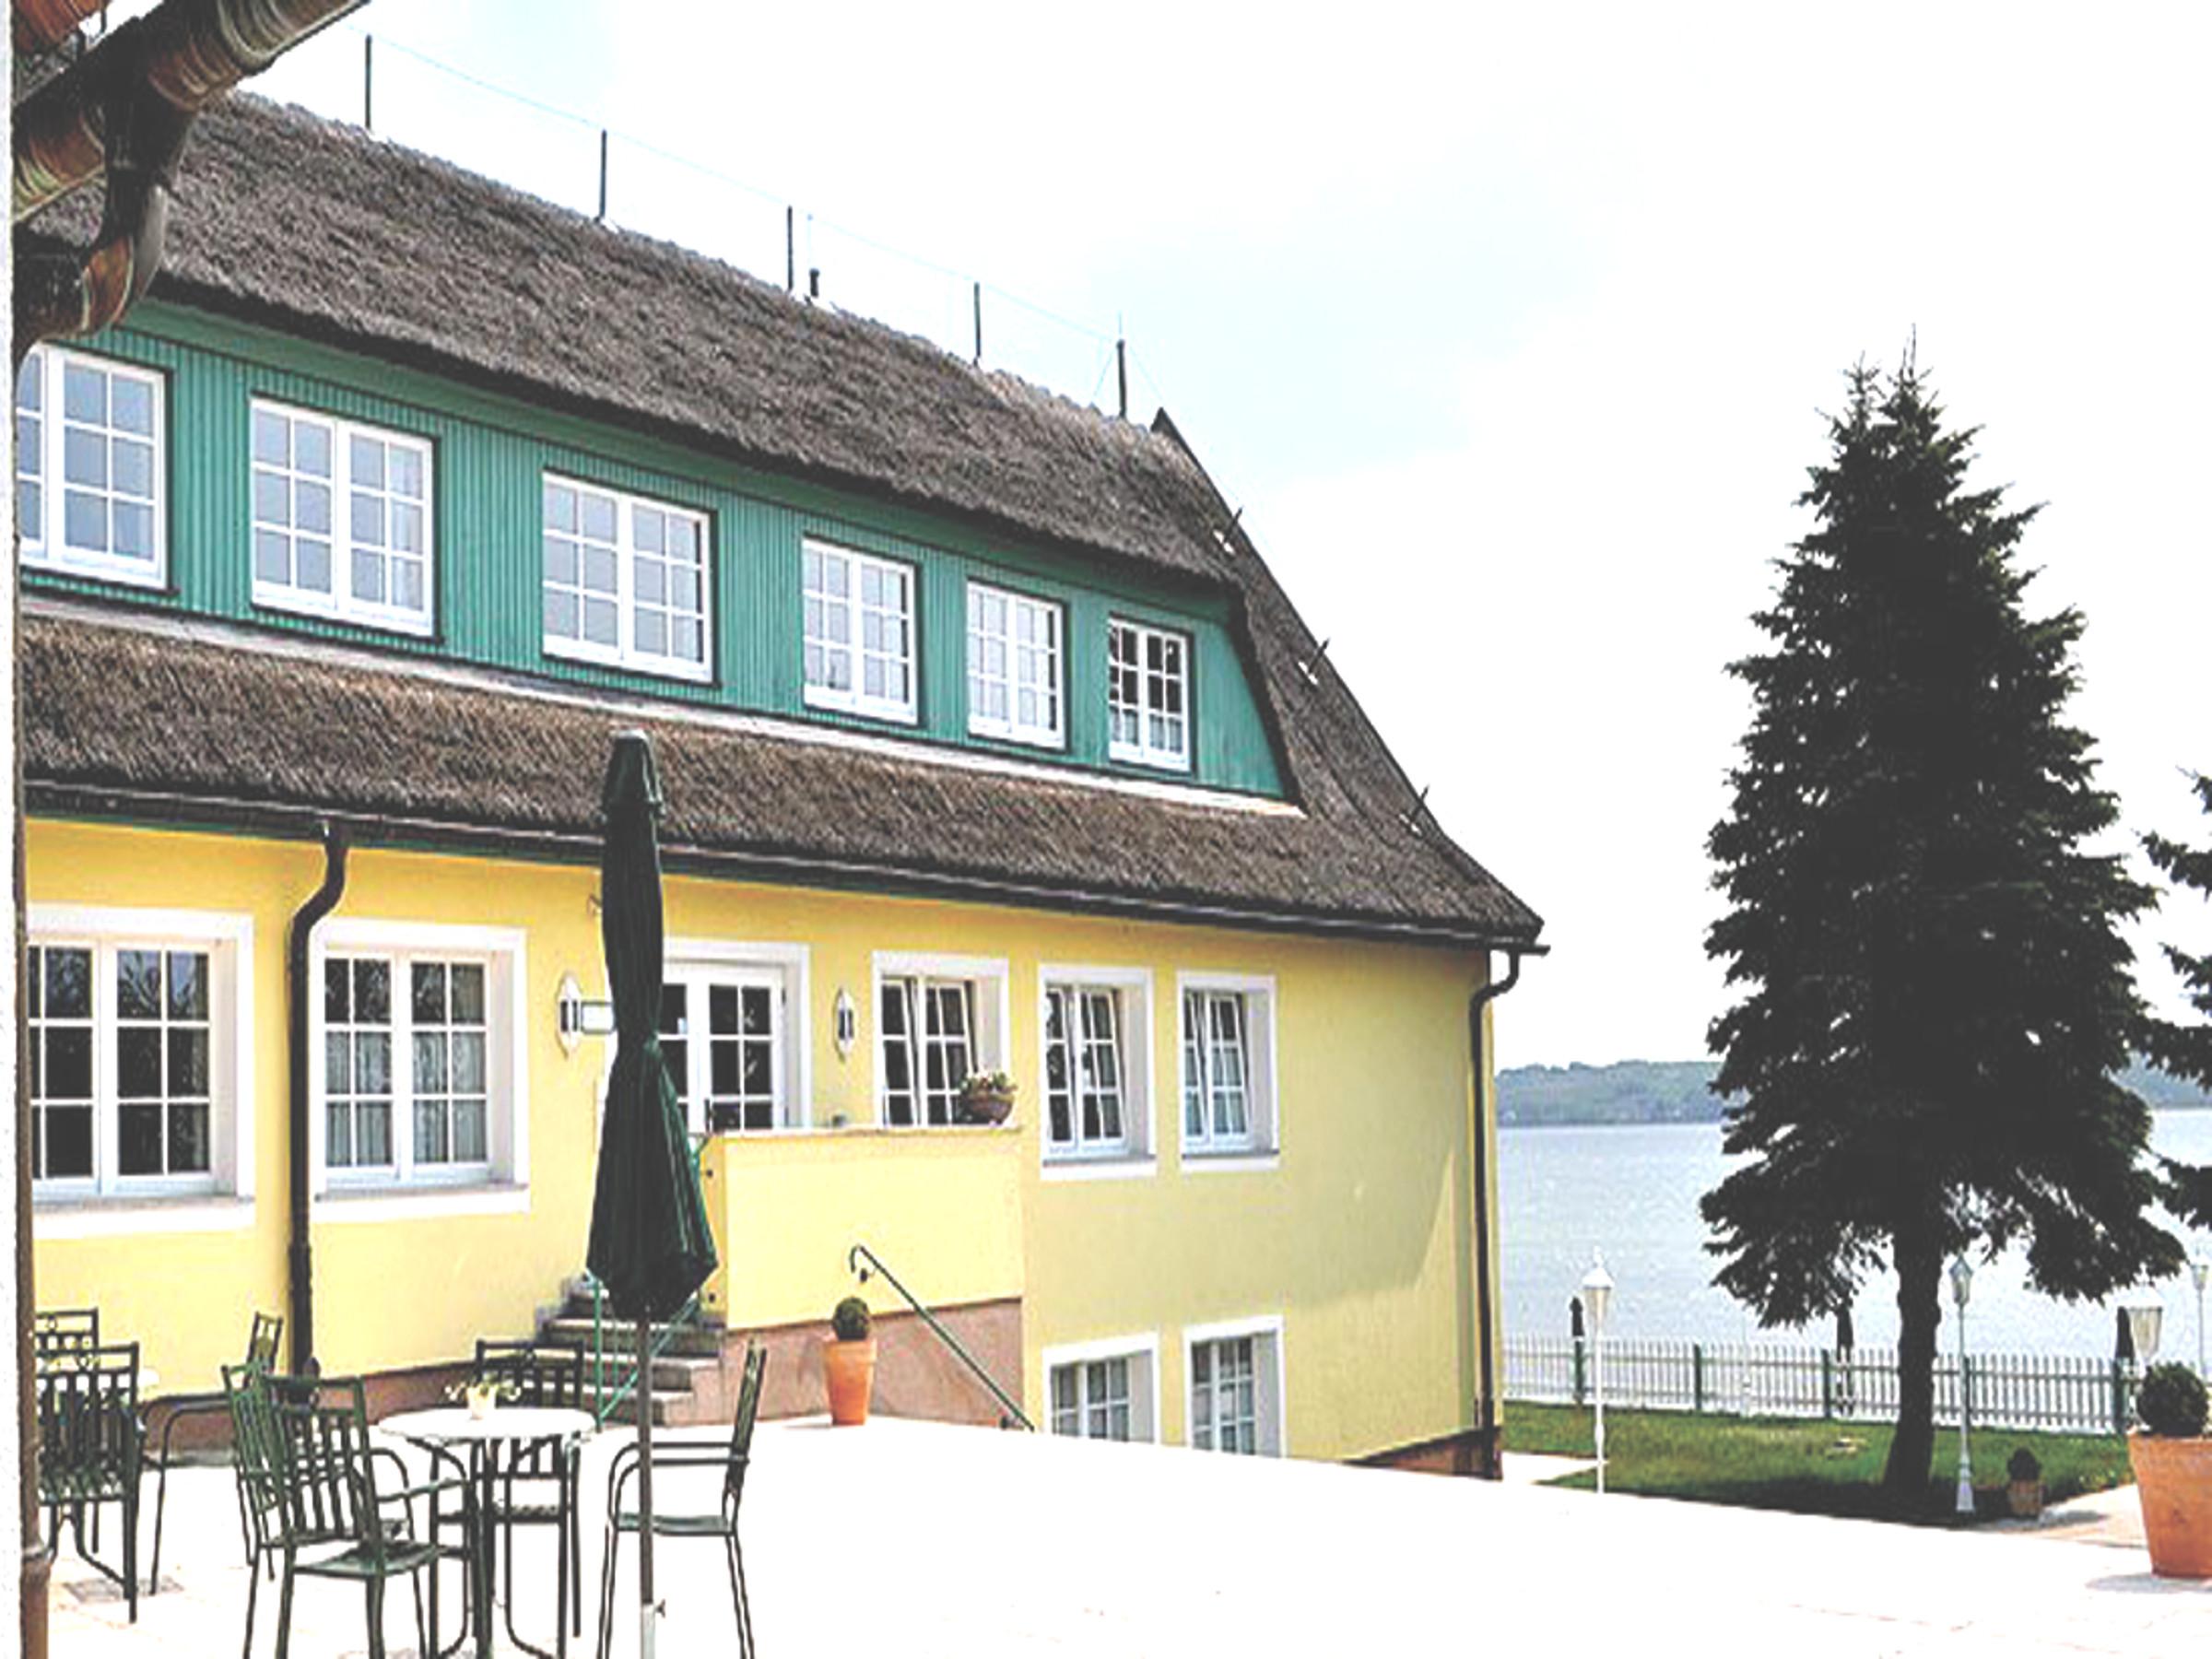 Ferienwohnung Ferienanlage Alt Reddevitz, (Alt Reddevitz). Ferienwohnung Neukölln, 35 qm, 1 Schlafzimmer (1029663), Alt Reddevitz, Rügen, Mecklenburg-Vorpommern, Deutschland, Bild 17